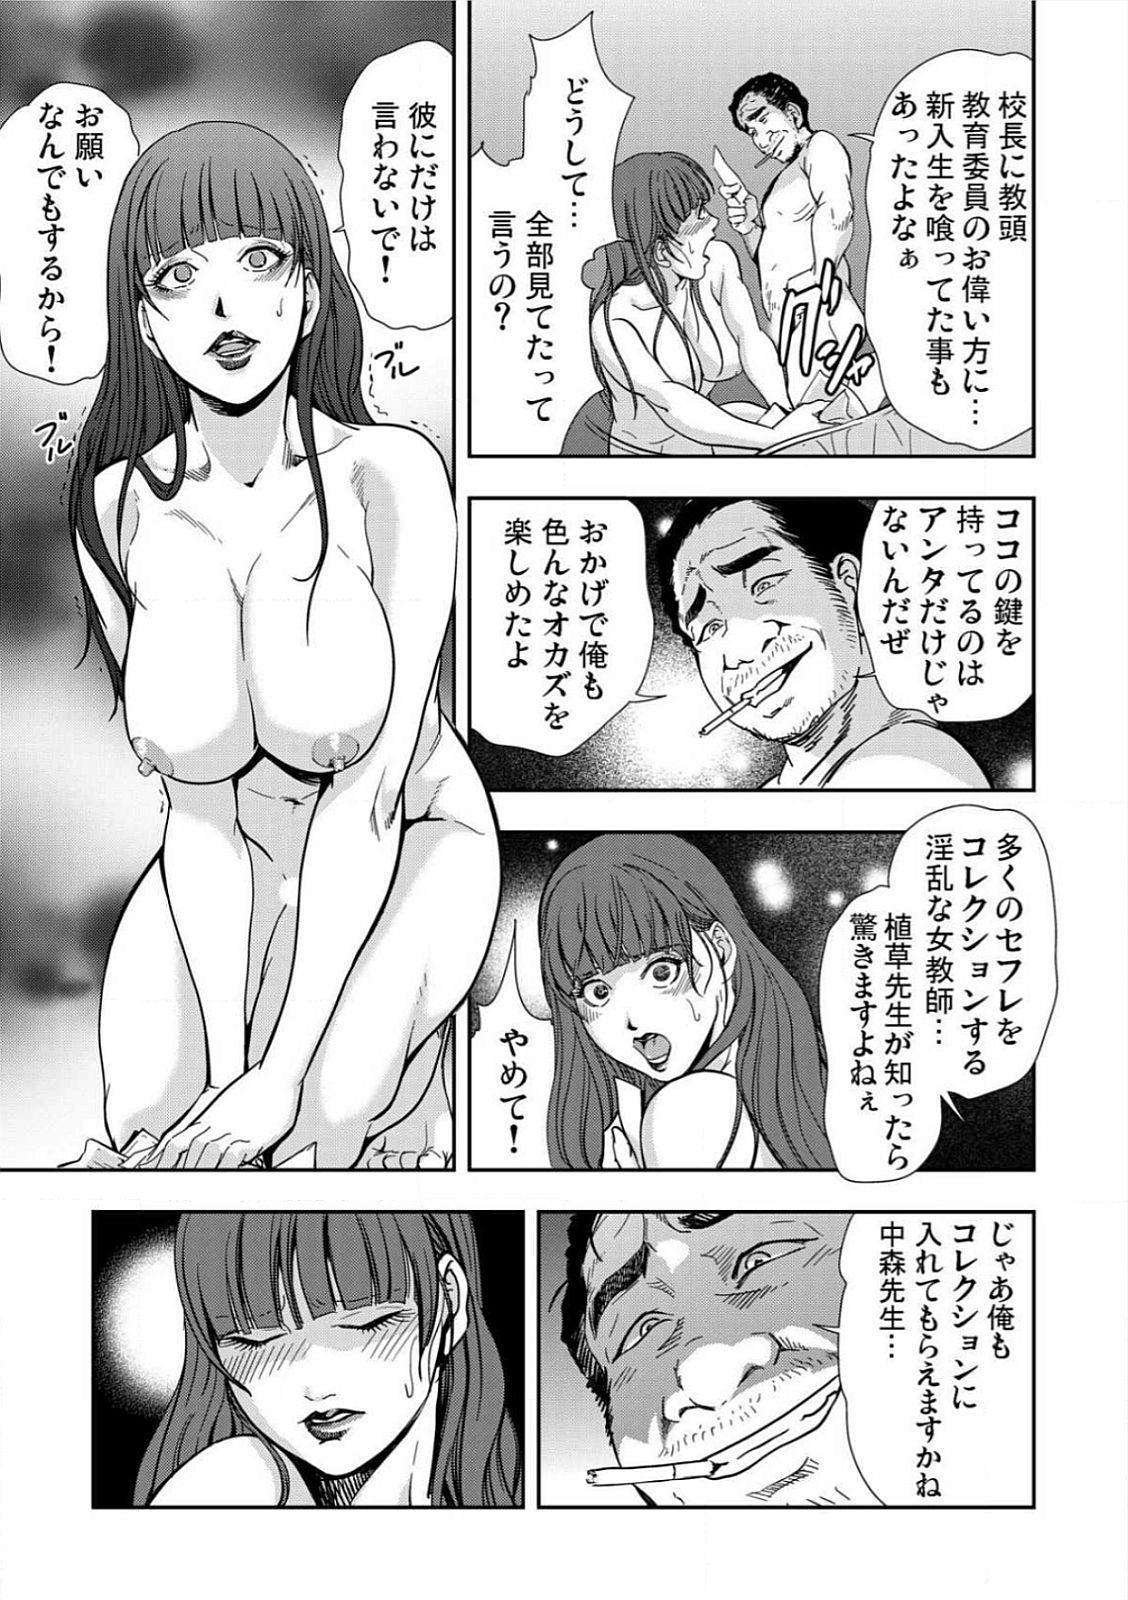 [Misaki Yukihiro] Kyousei Shidou ~Mechakucha ni Kegasarete~ (1)~(6) [Digital] 50